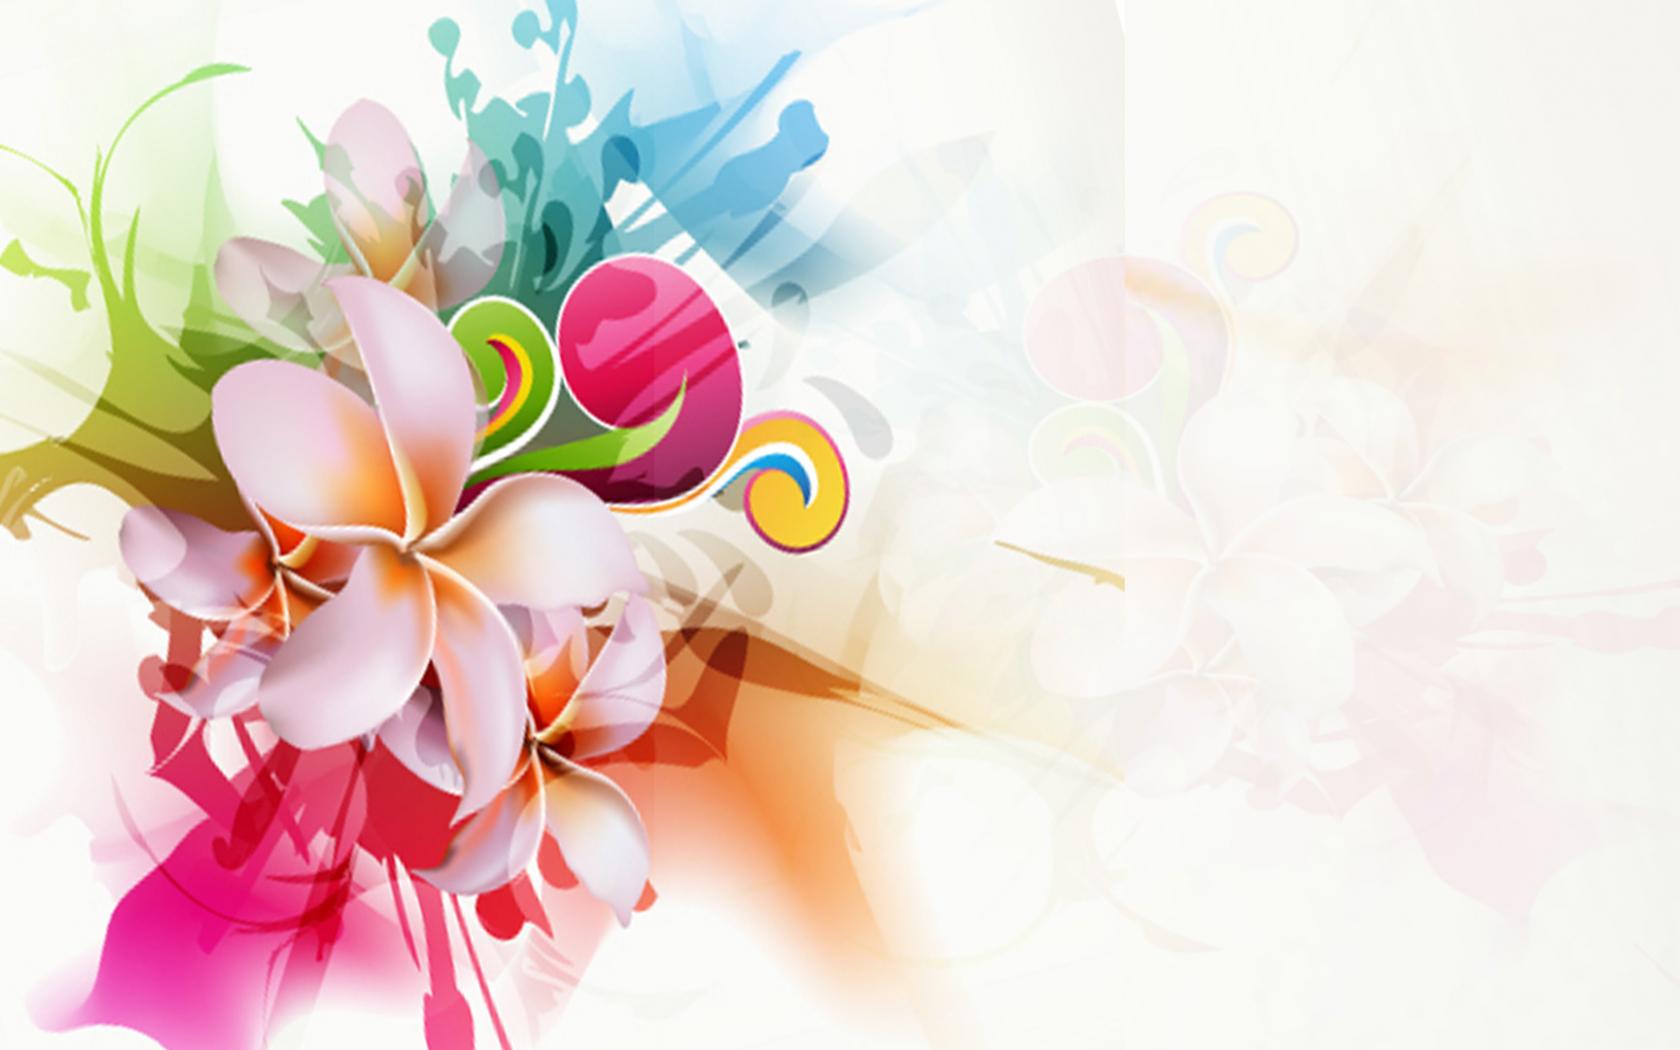 Free Download Modern Floral Wallpaper Design Weddingdressincom